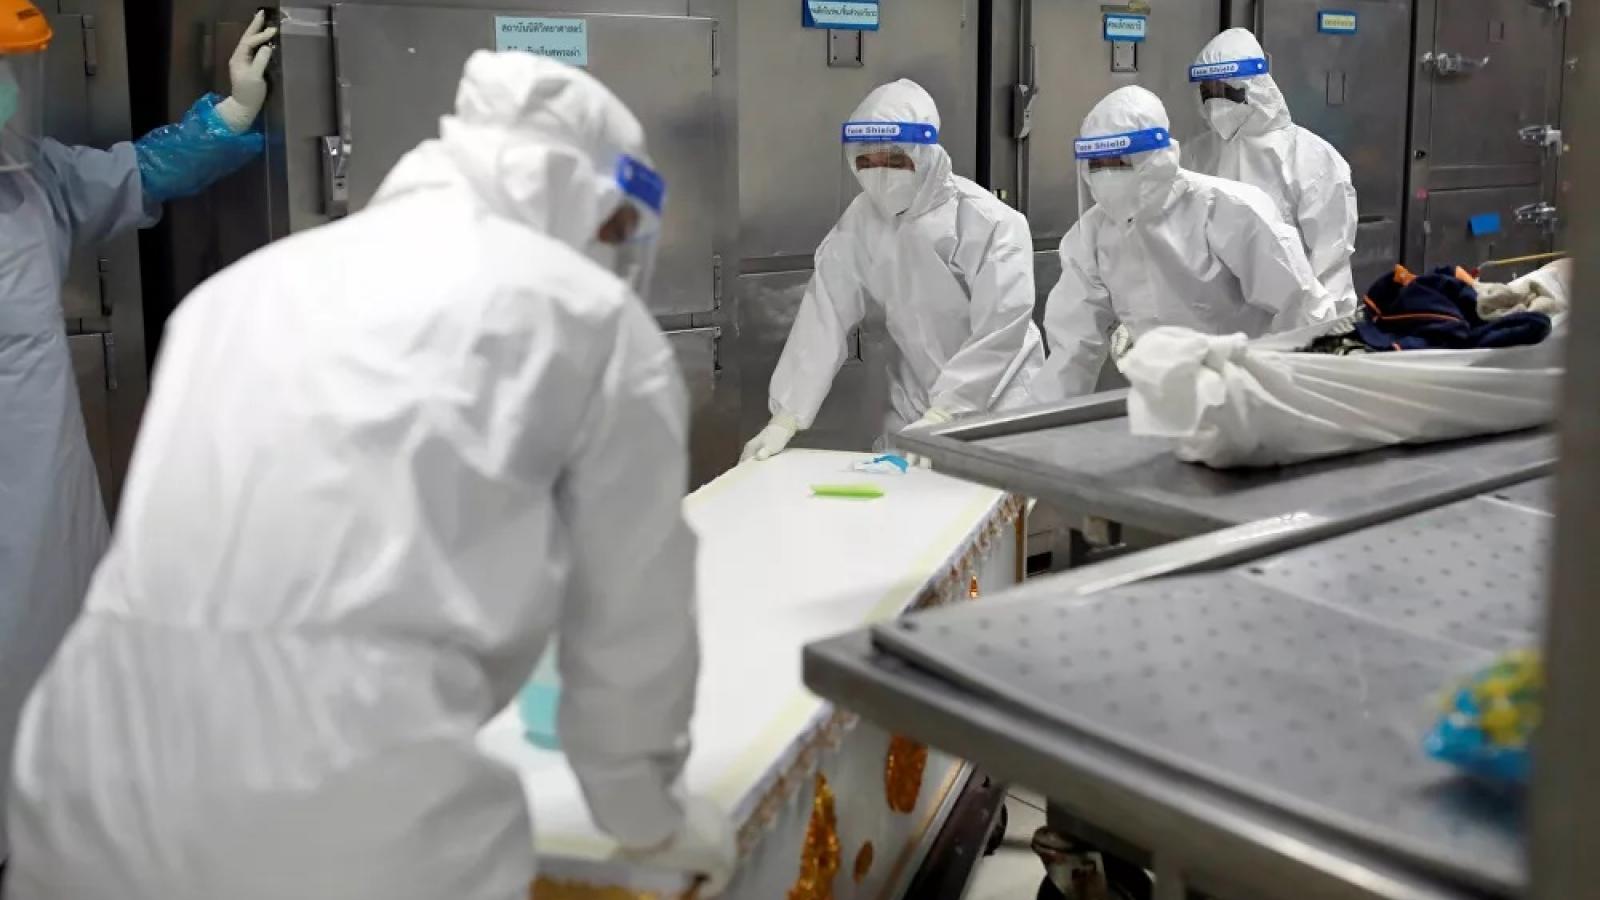 Bệnh nhân Covid-19 tử vong nhiều, một nhà xác Thái Lan buộc phải dùng container đông lạnh